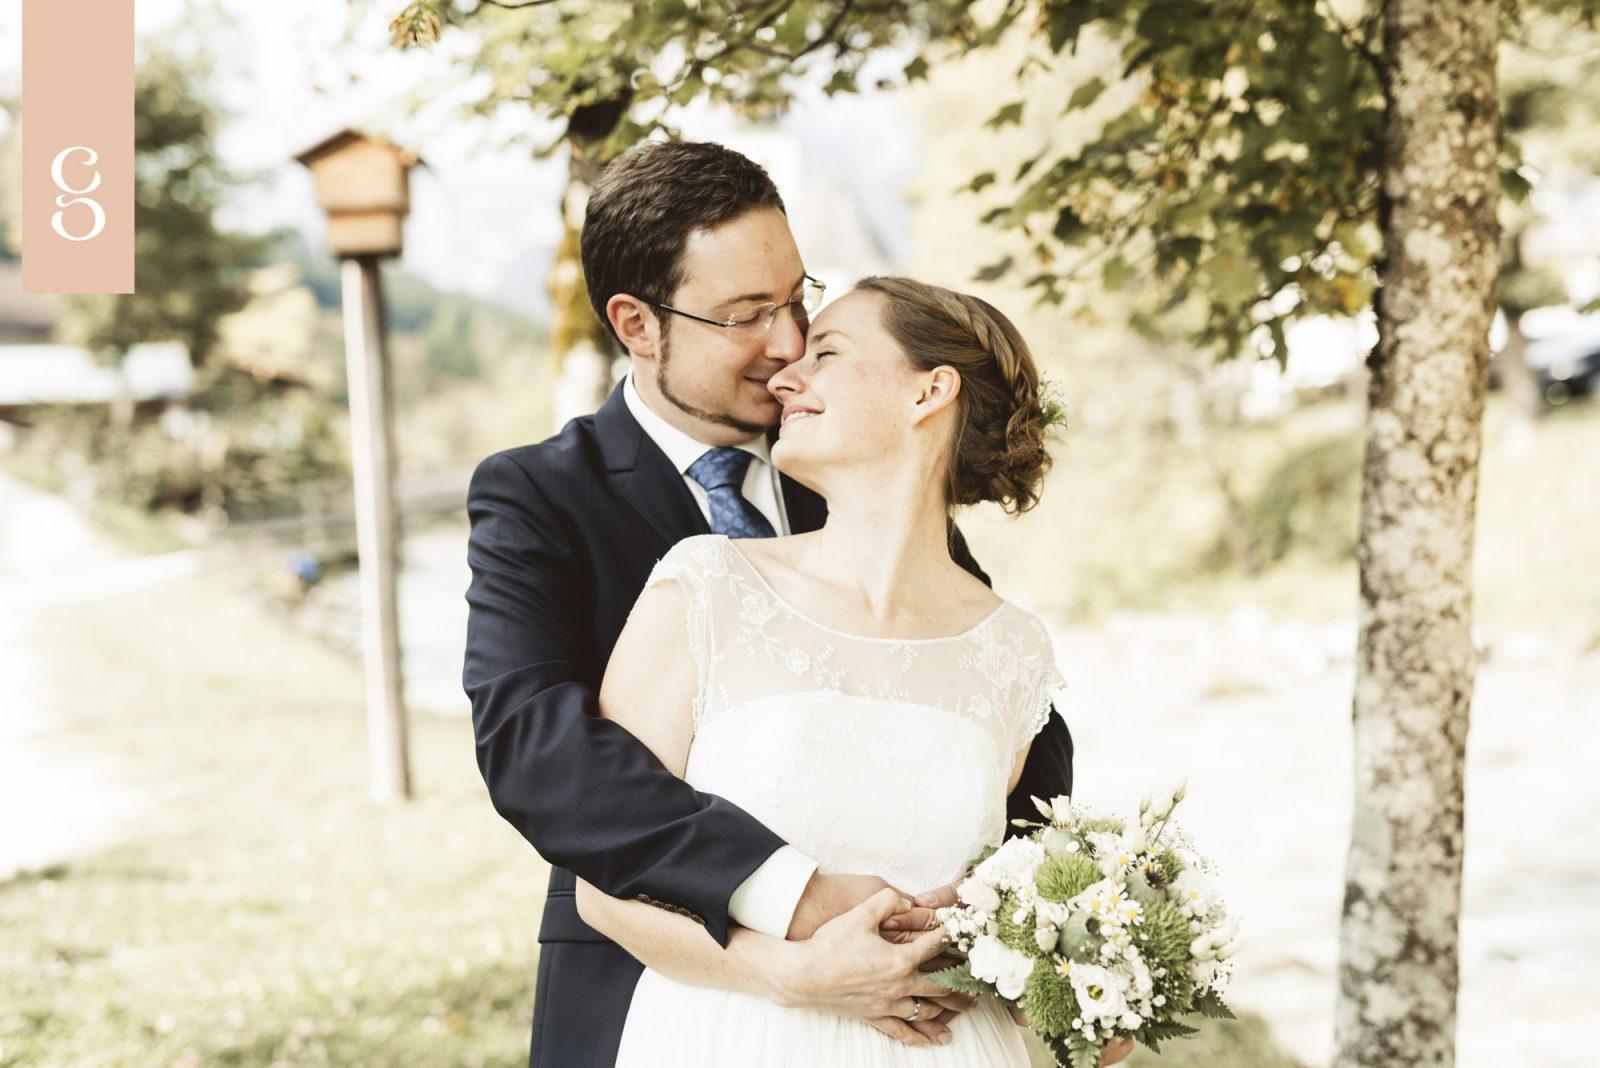 Fotograf_Goettges_Hochzeit_Wedding_Ramsau_Hintersee_Hirschbichl_Berchtesgaden_Hochzeitsfotograf-2